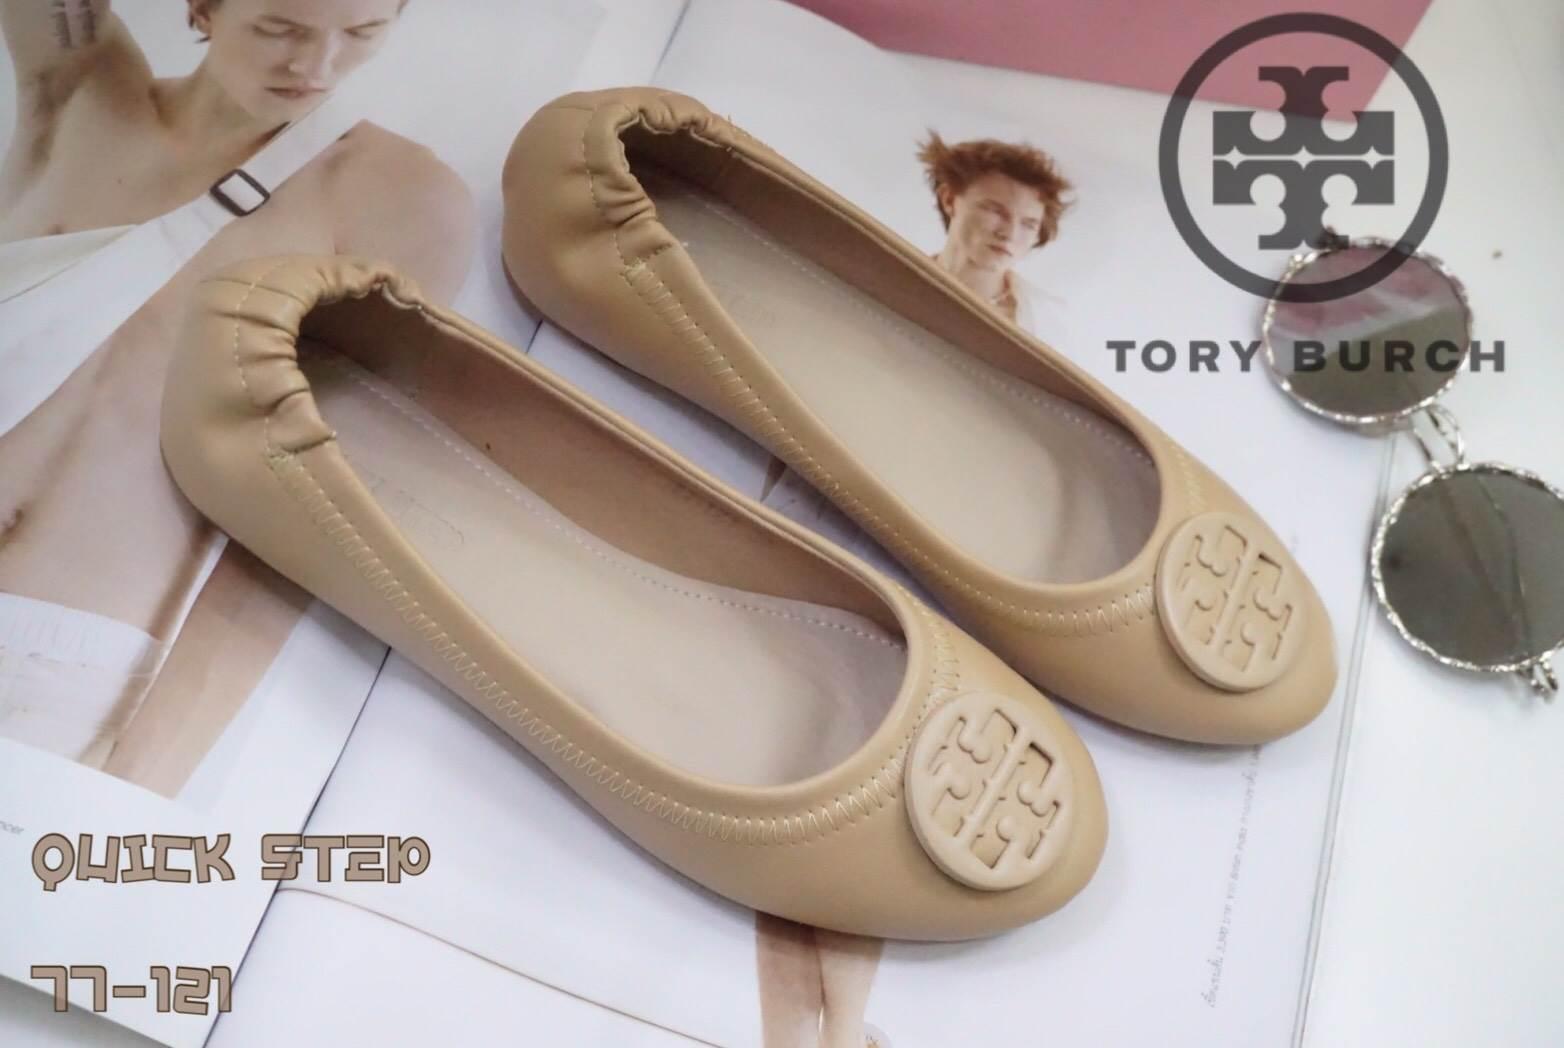 รองเท้าคัทชู ส้นแบน หัวมนทรงบัลเล่ แต่งอะไหล่สไตล์แบรนด์สวยเก๋ หนังนิ่ม พื้นนิ่ม งานสวย ใส่สบาย แมทสวยได้ทุกชุด (77-121)